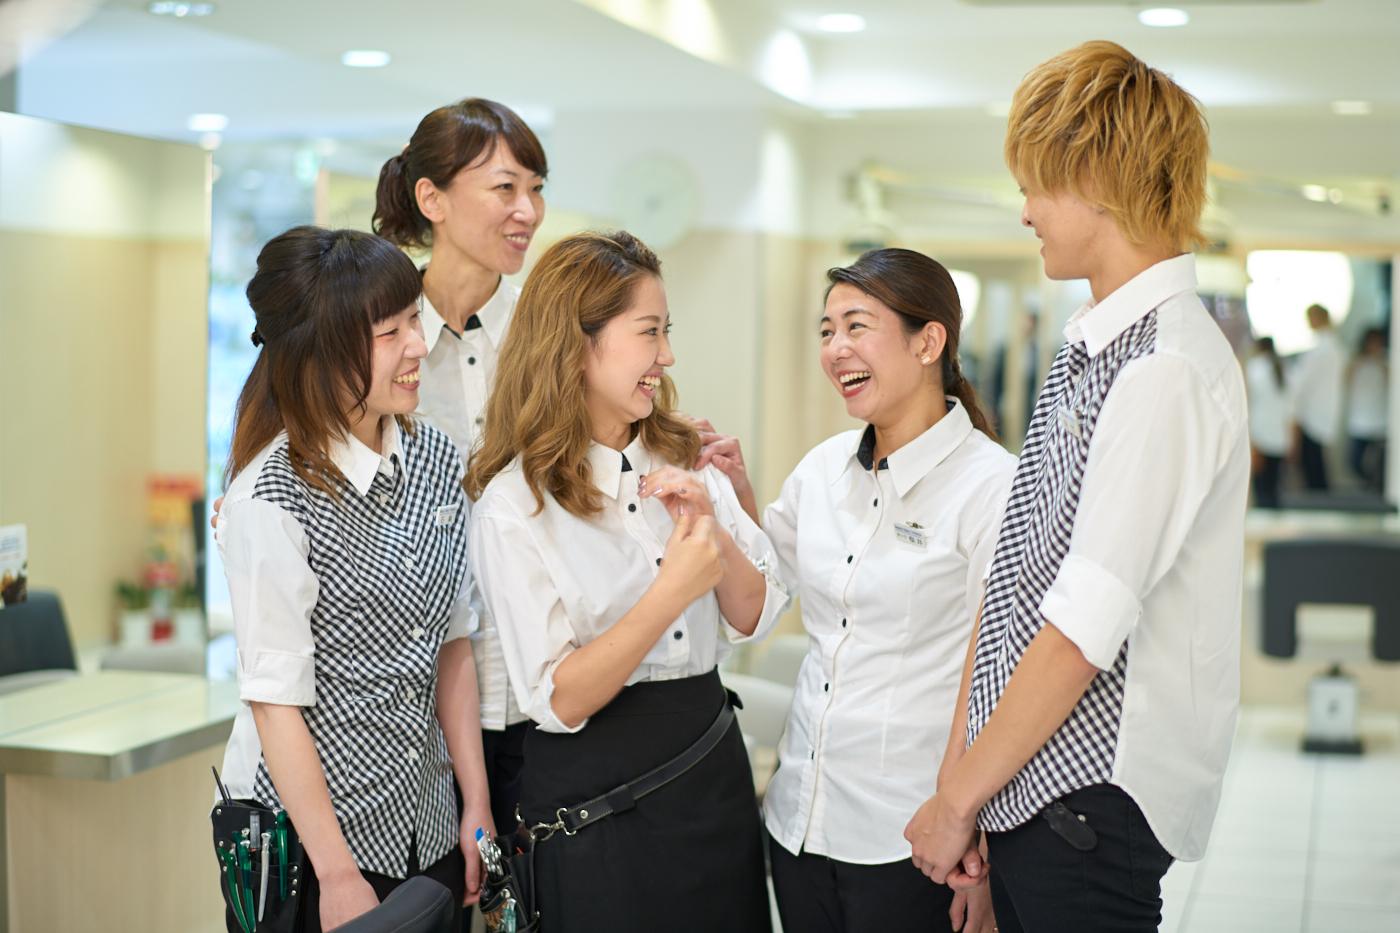 2018年12月3日 美容学生の就活ガイダンス・就職カンファレンス@Beauty 札幌開催